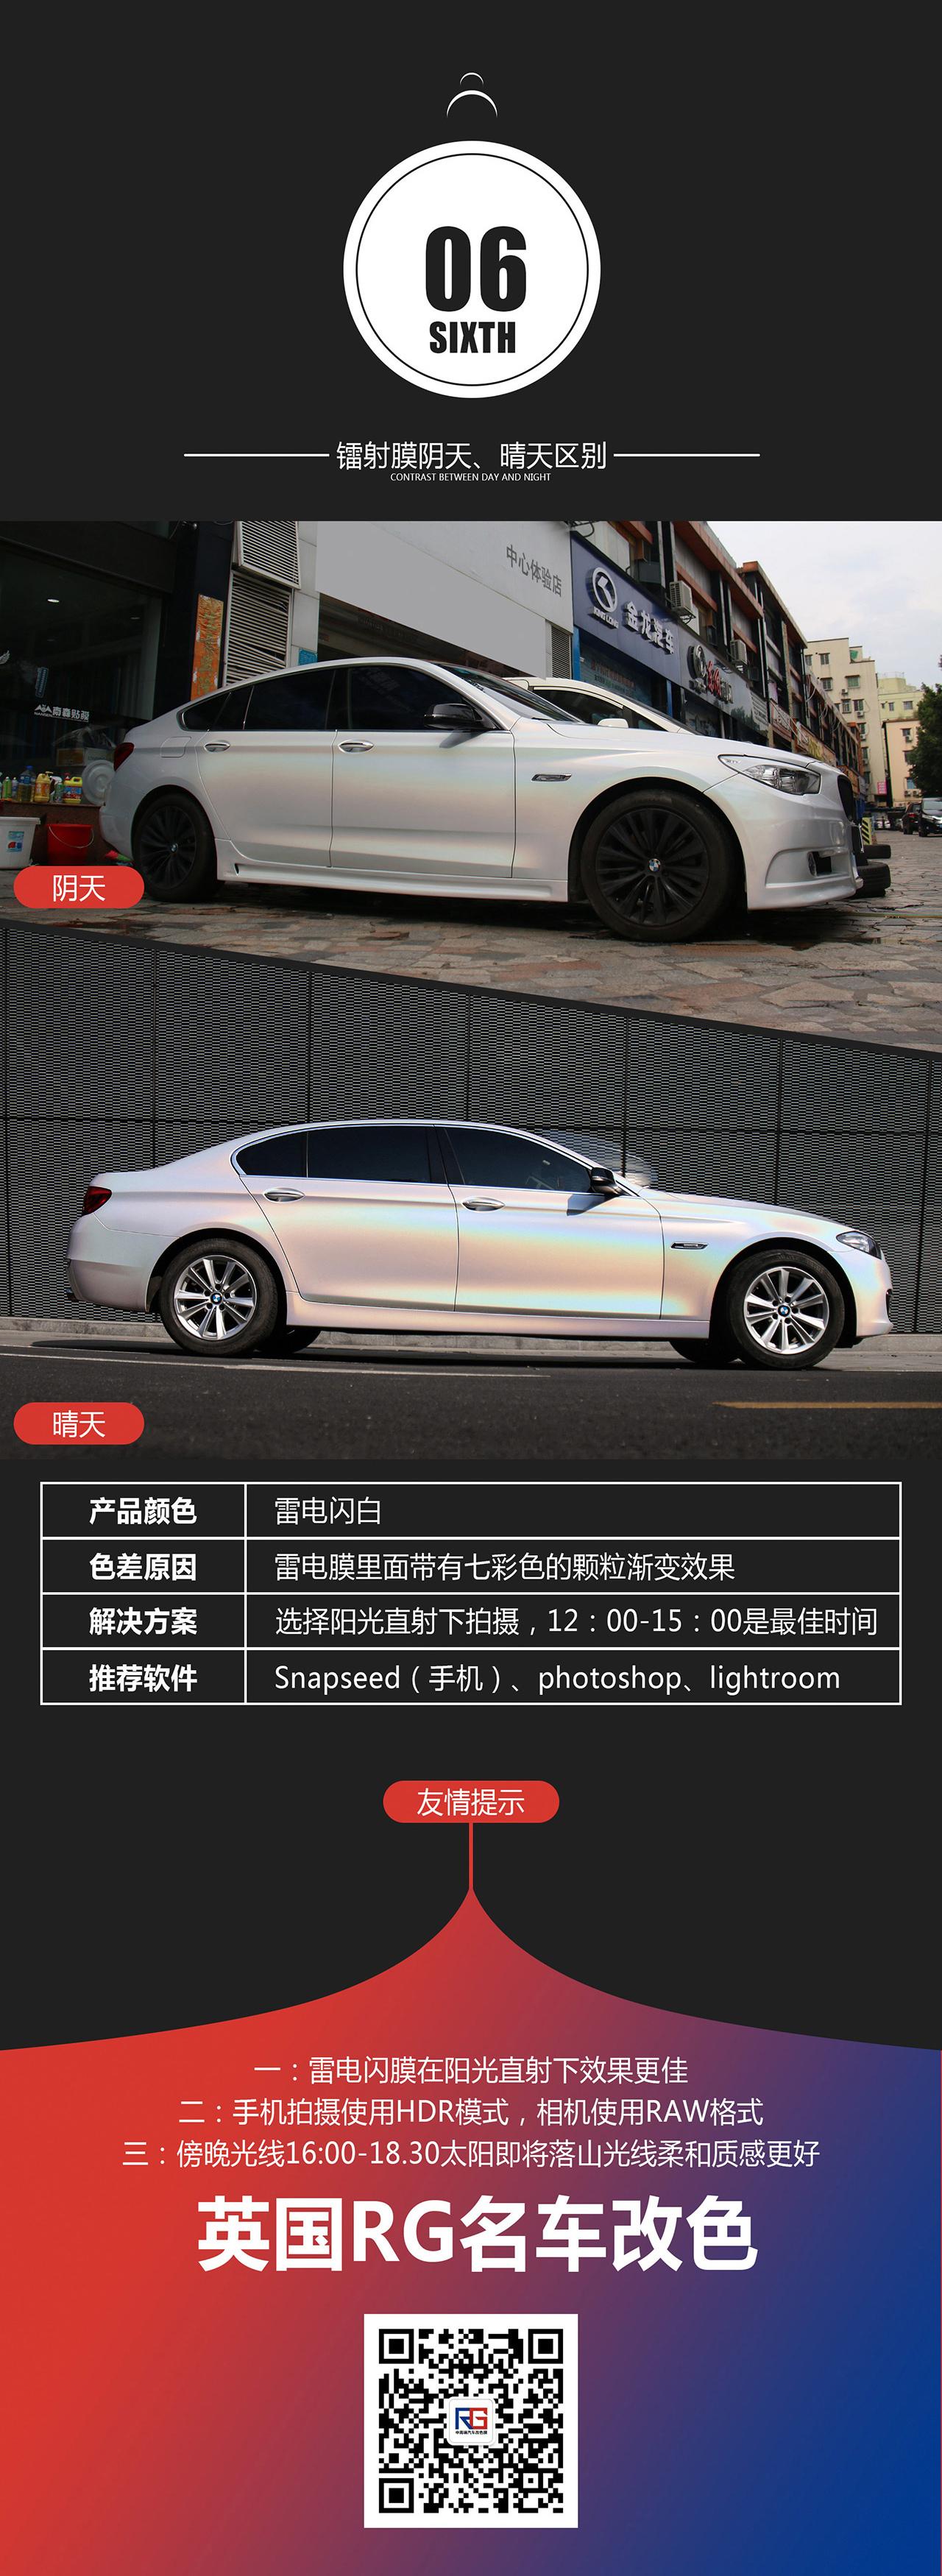 汽车改色膜为什么拍出来的图片会有色差?_新凤凰彩票平台